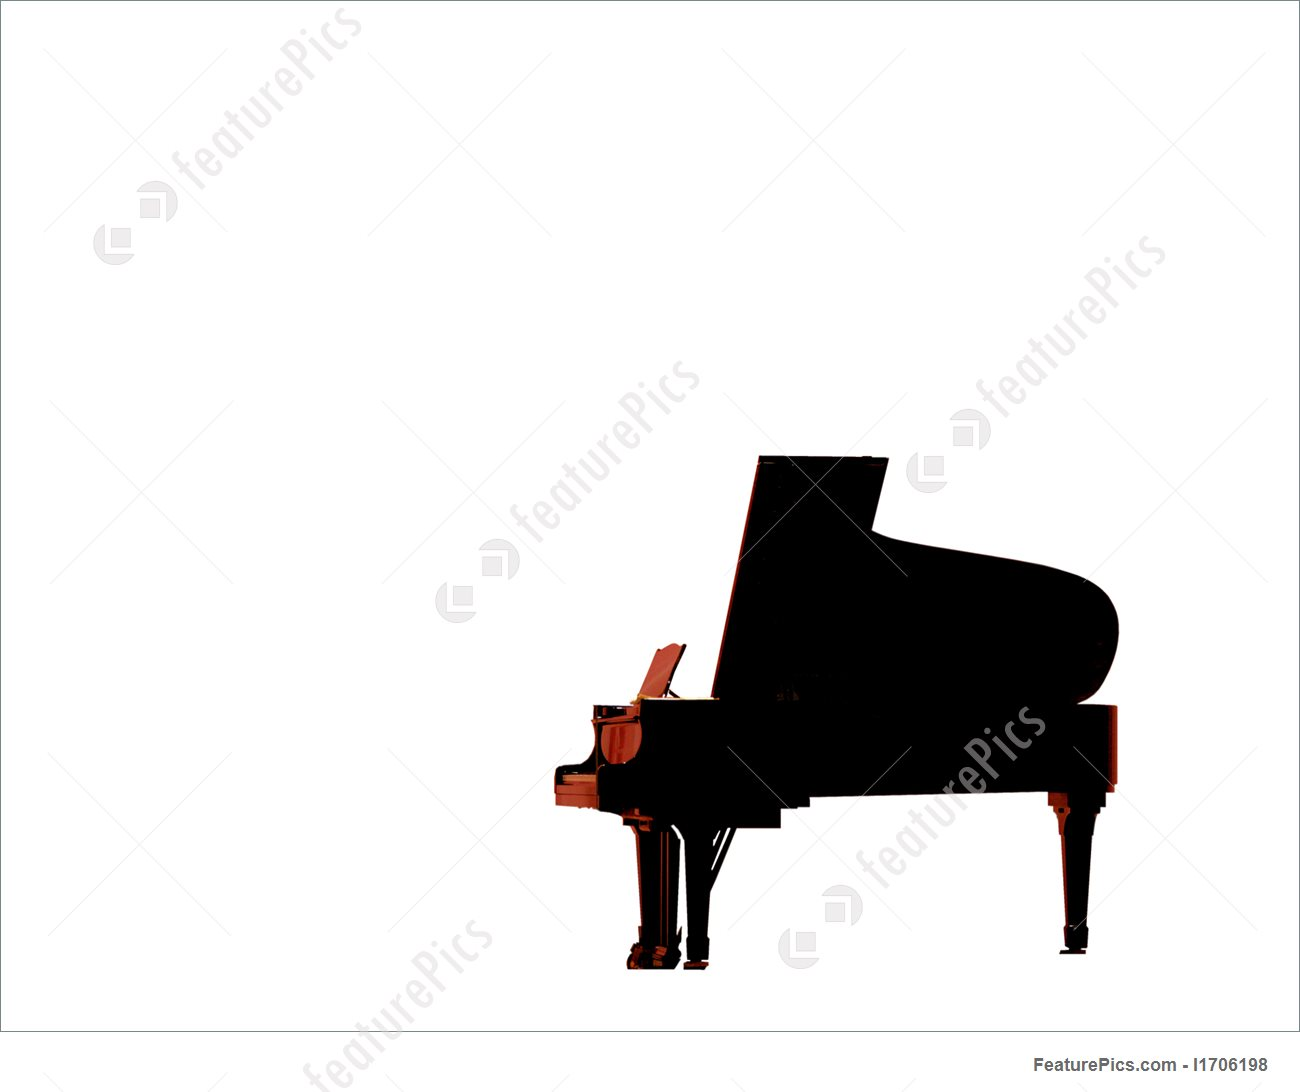 1300x1092 Piano Silhouette Illustration